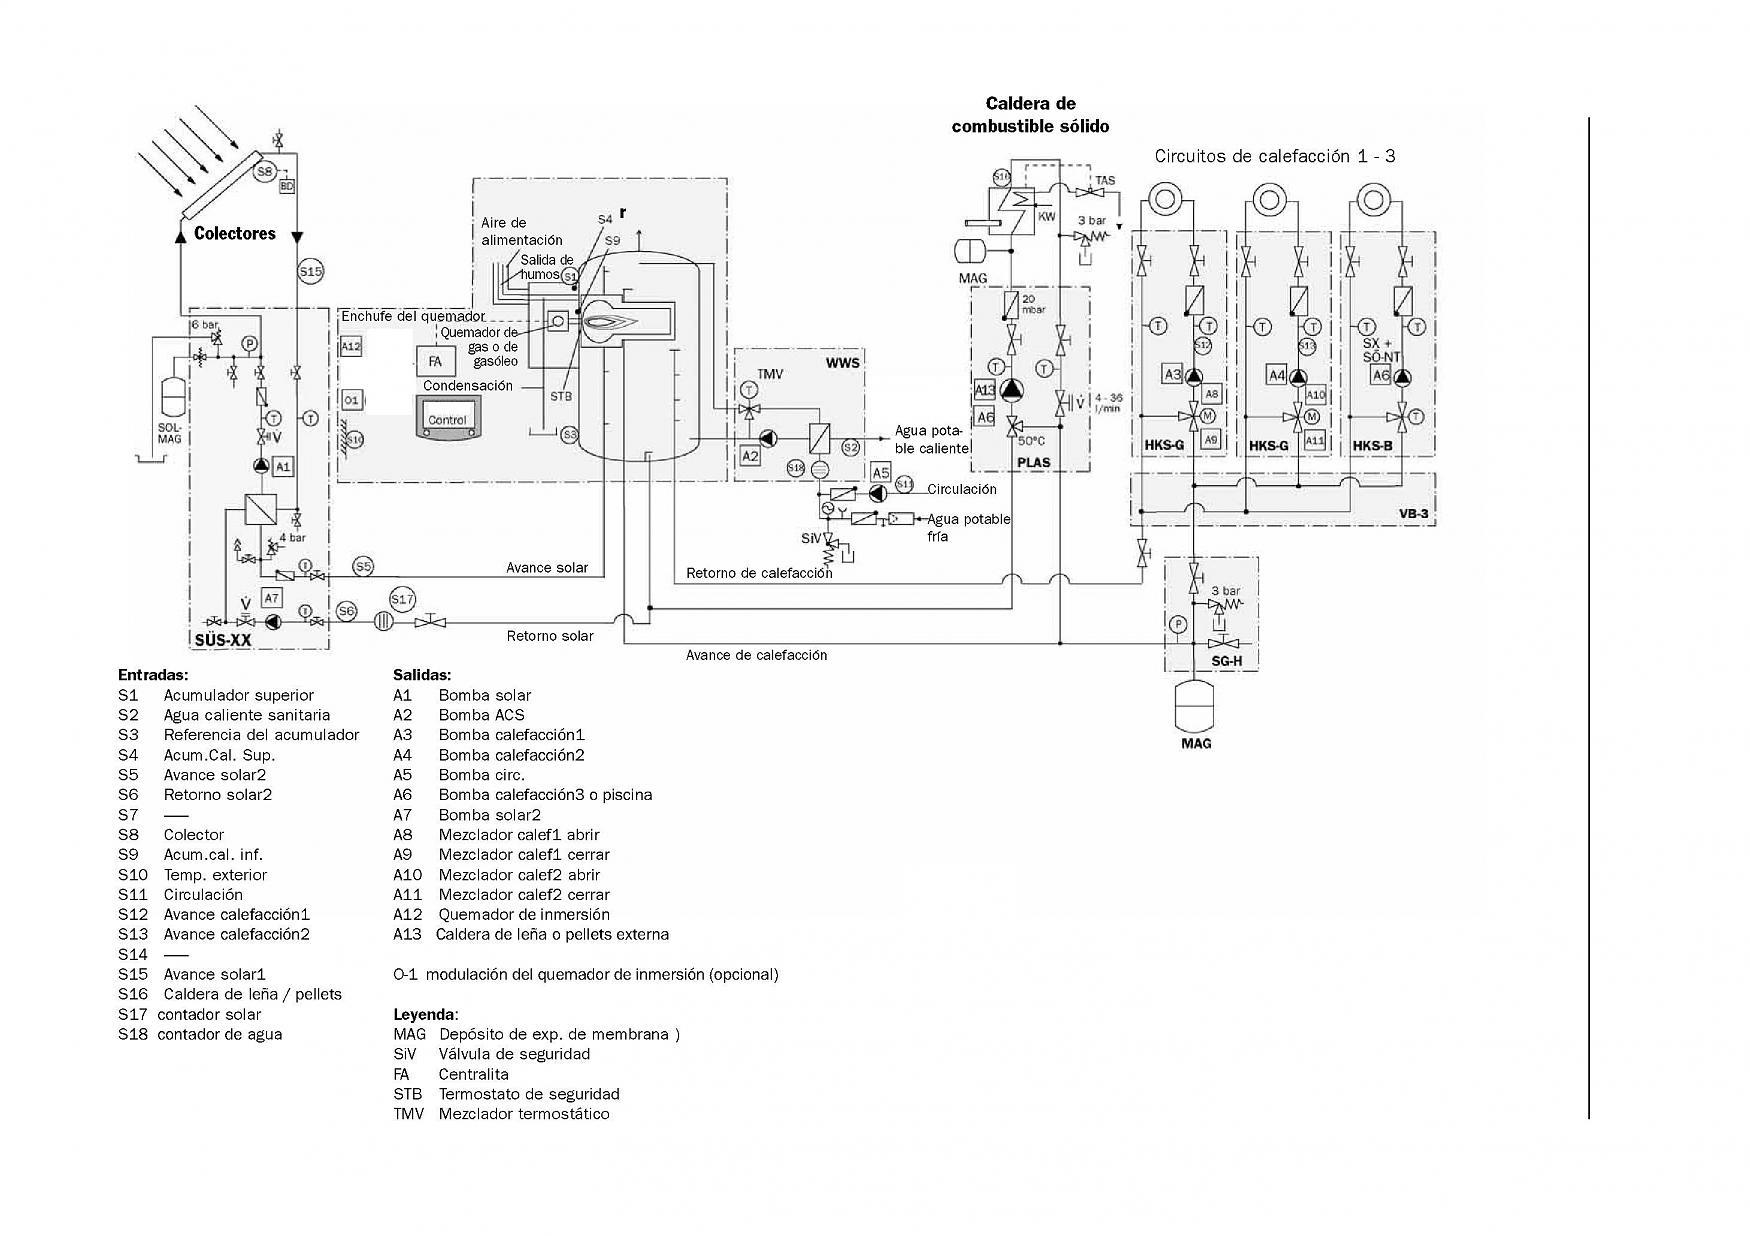 Calefacci n con prioridad solar caldera gestionada - Caldera de calefaccion ...